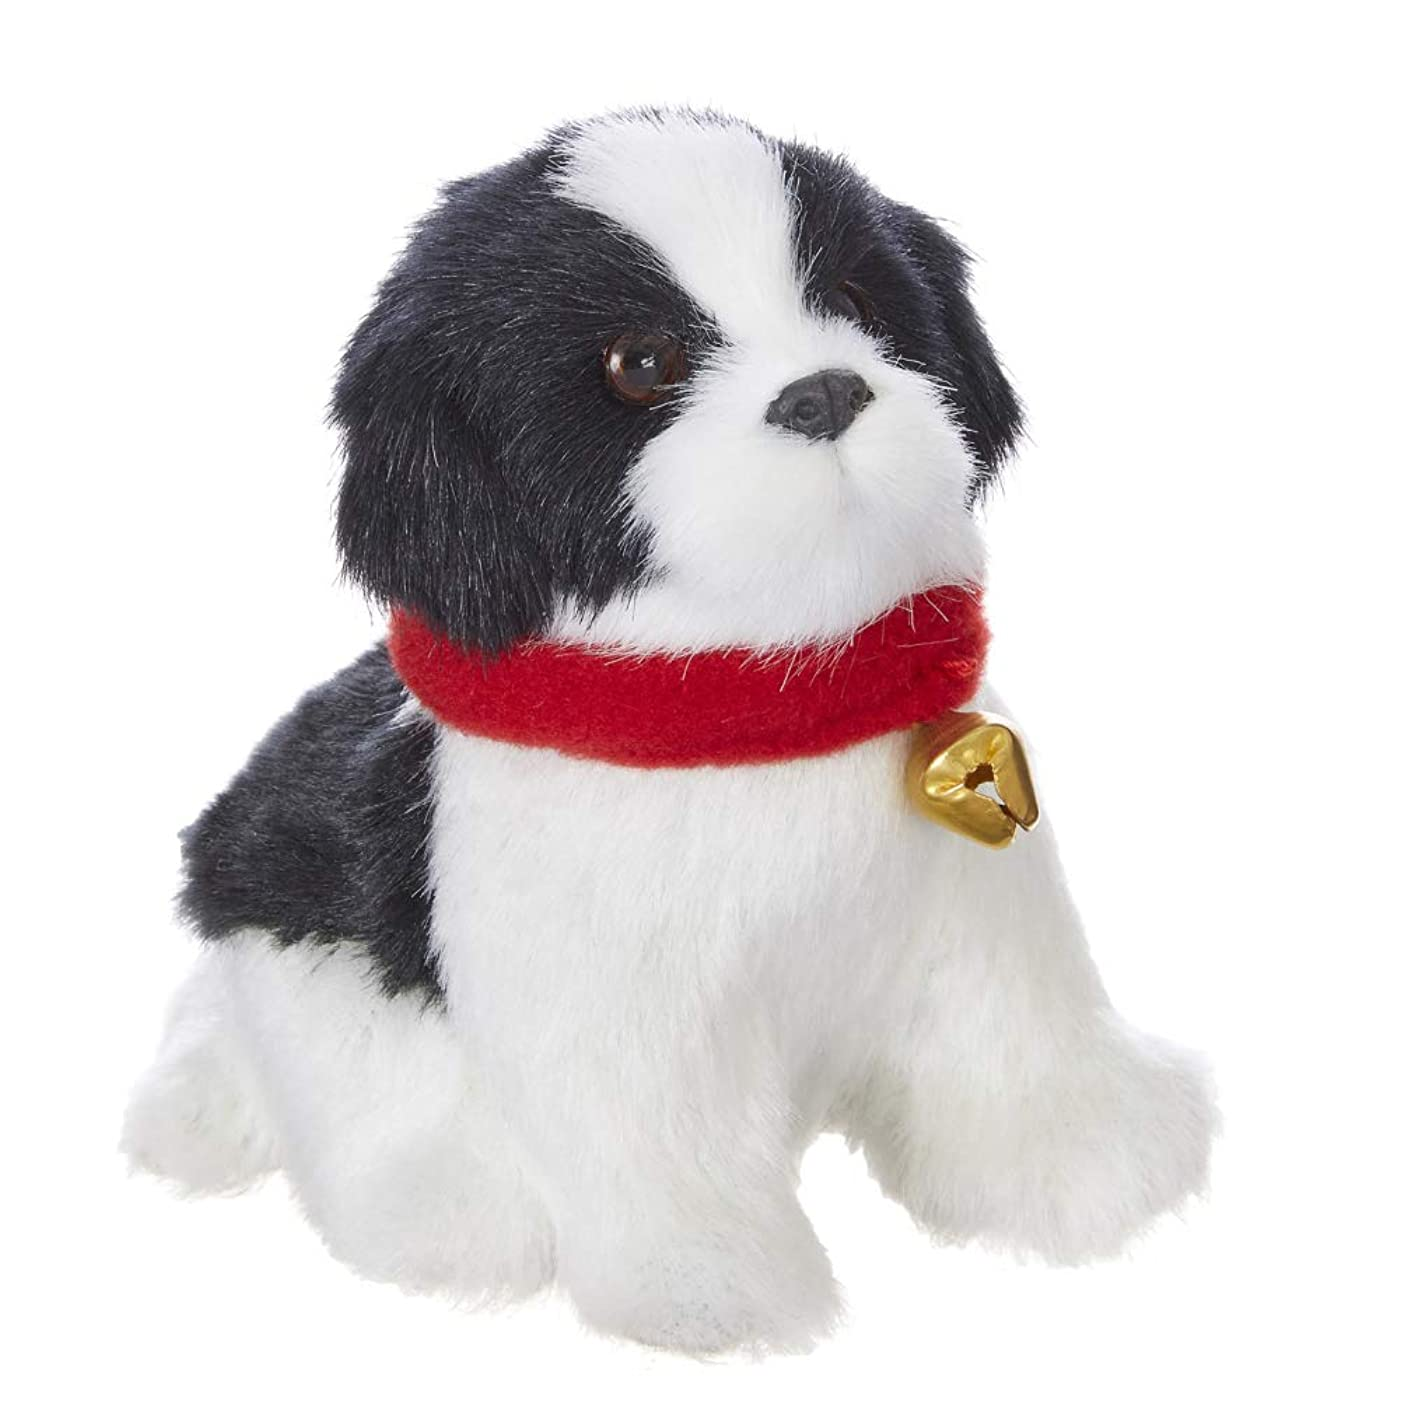 スペード奪うコンプライアンスRAZ Imports 犬の置物/クリスマスオーナメント - フェイクファーボーダーコリー子犬 4インチ x 4インチ x 2.5インチ